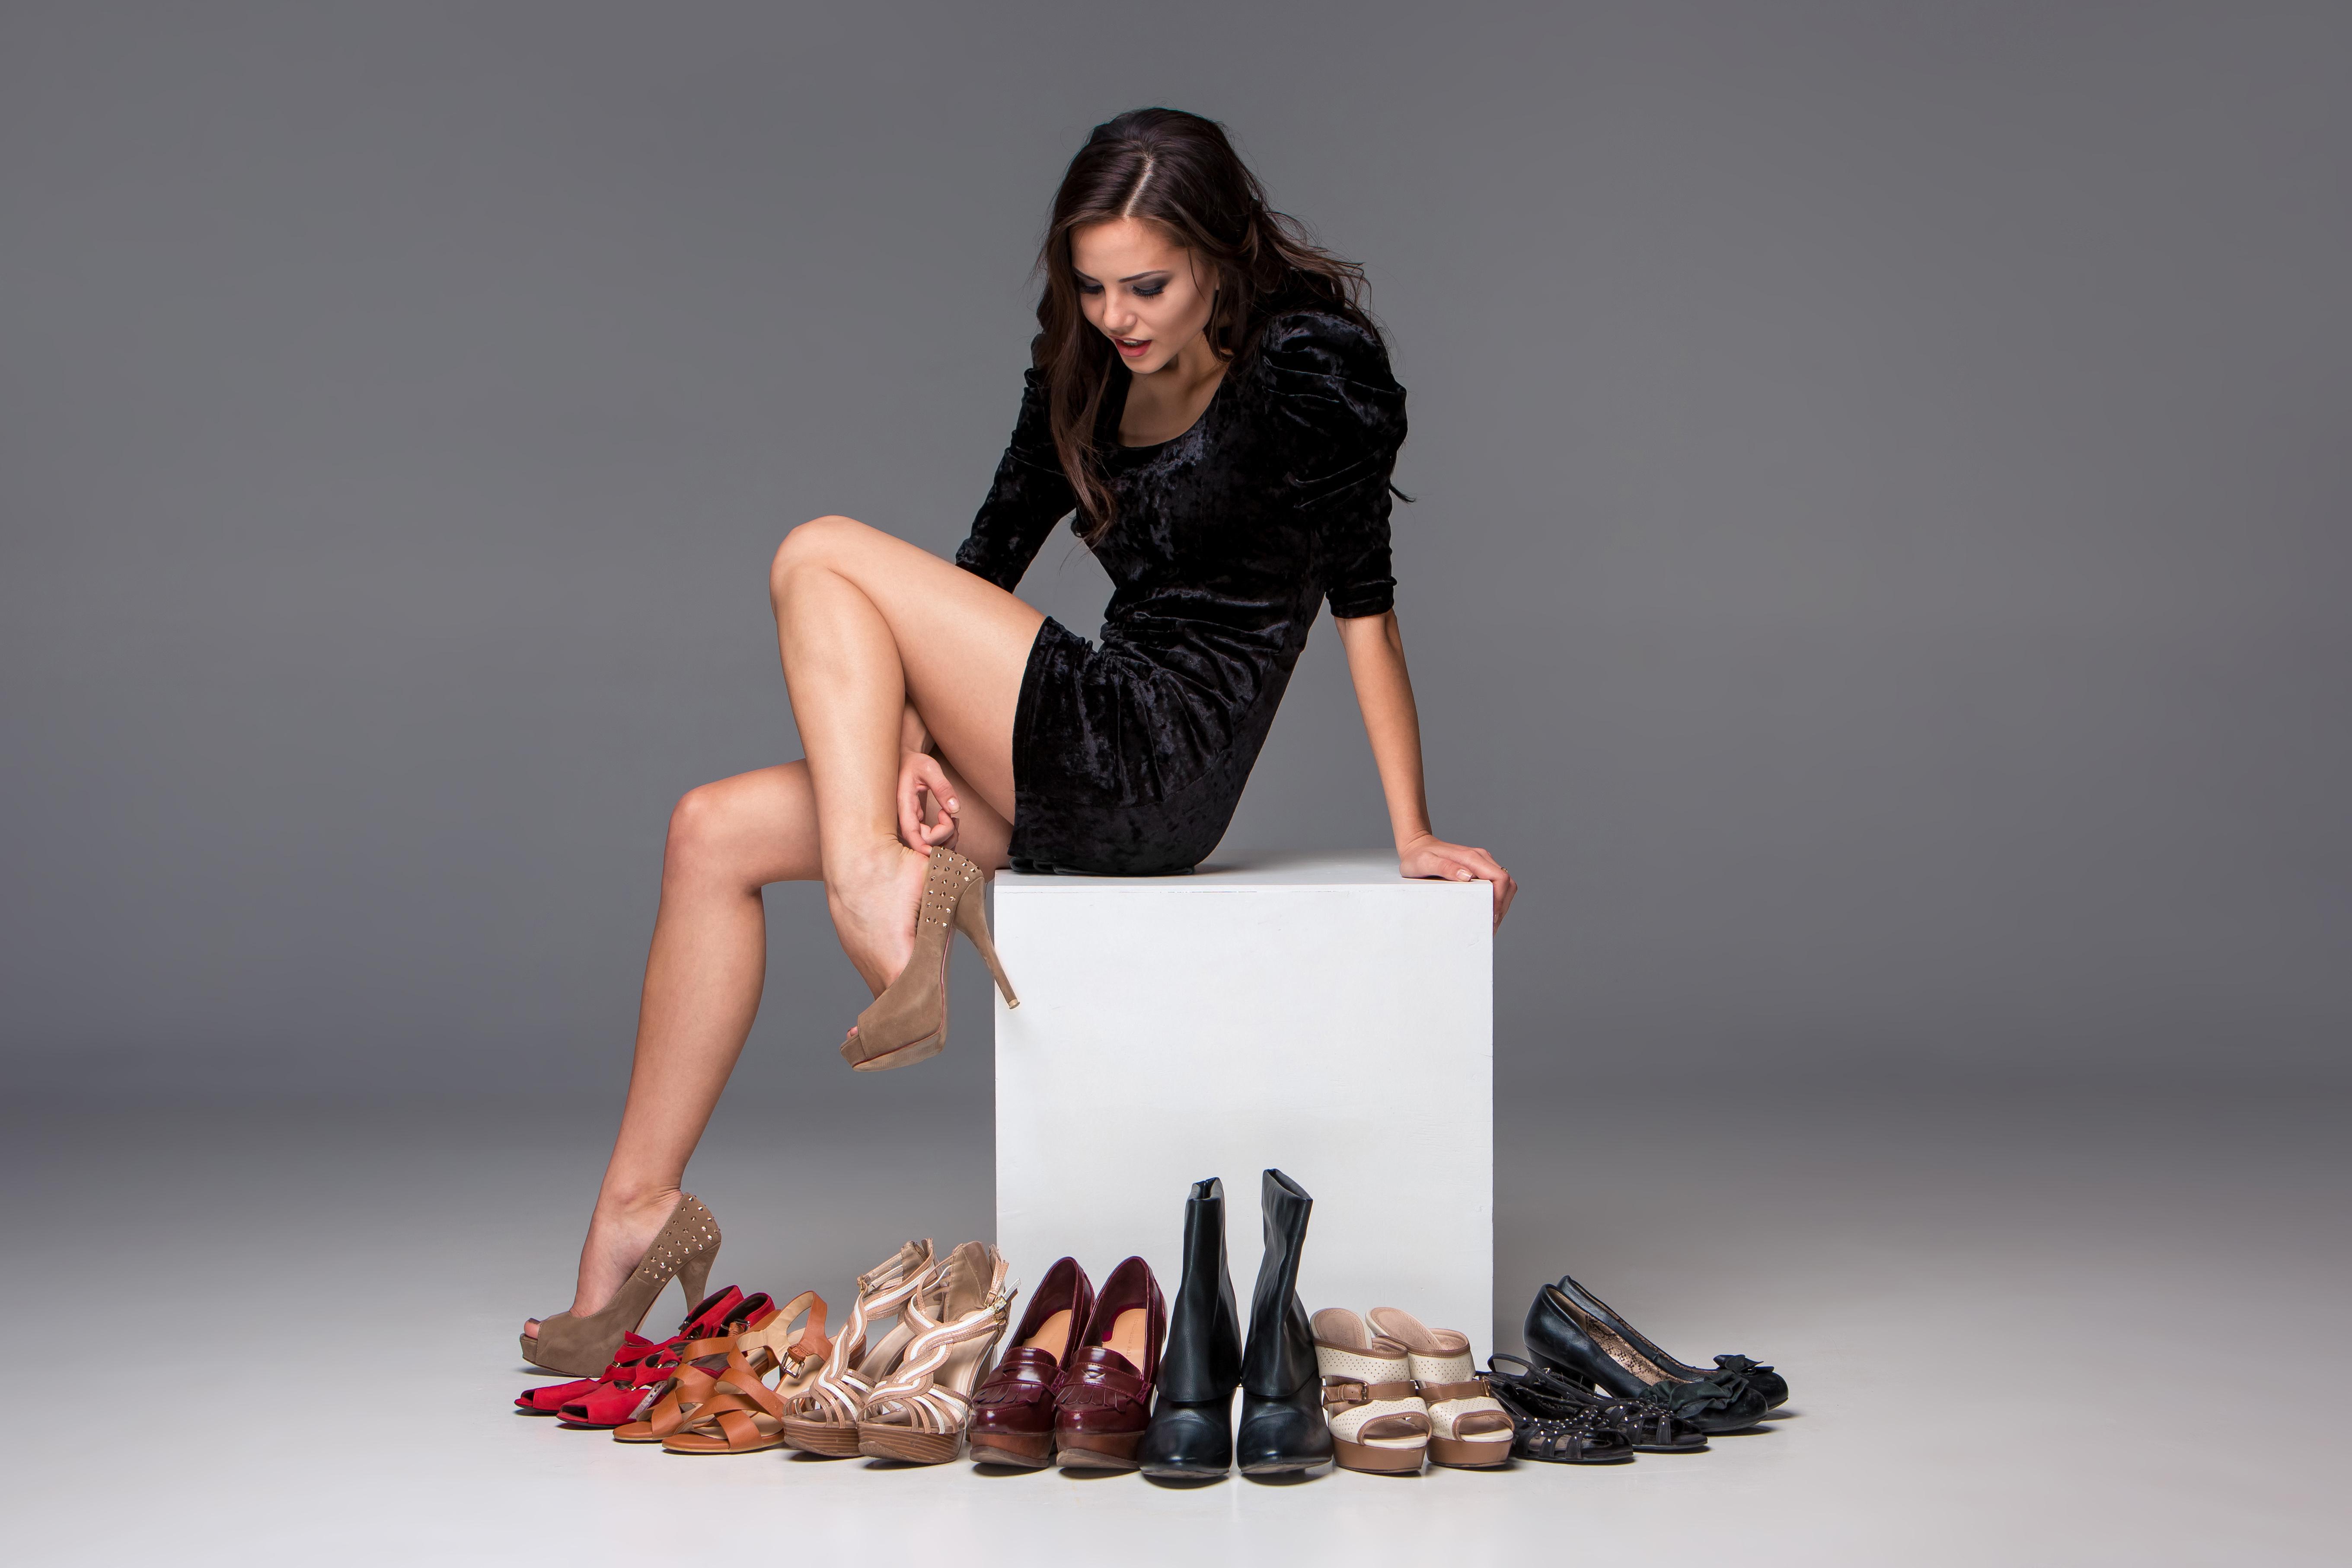 【急募:週2日~時短OK!】MIG+(ミグプラス)靴販売スタッフ大募集♪@池袋ALTA